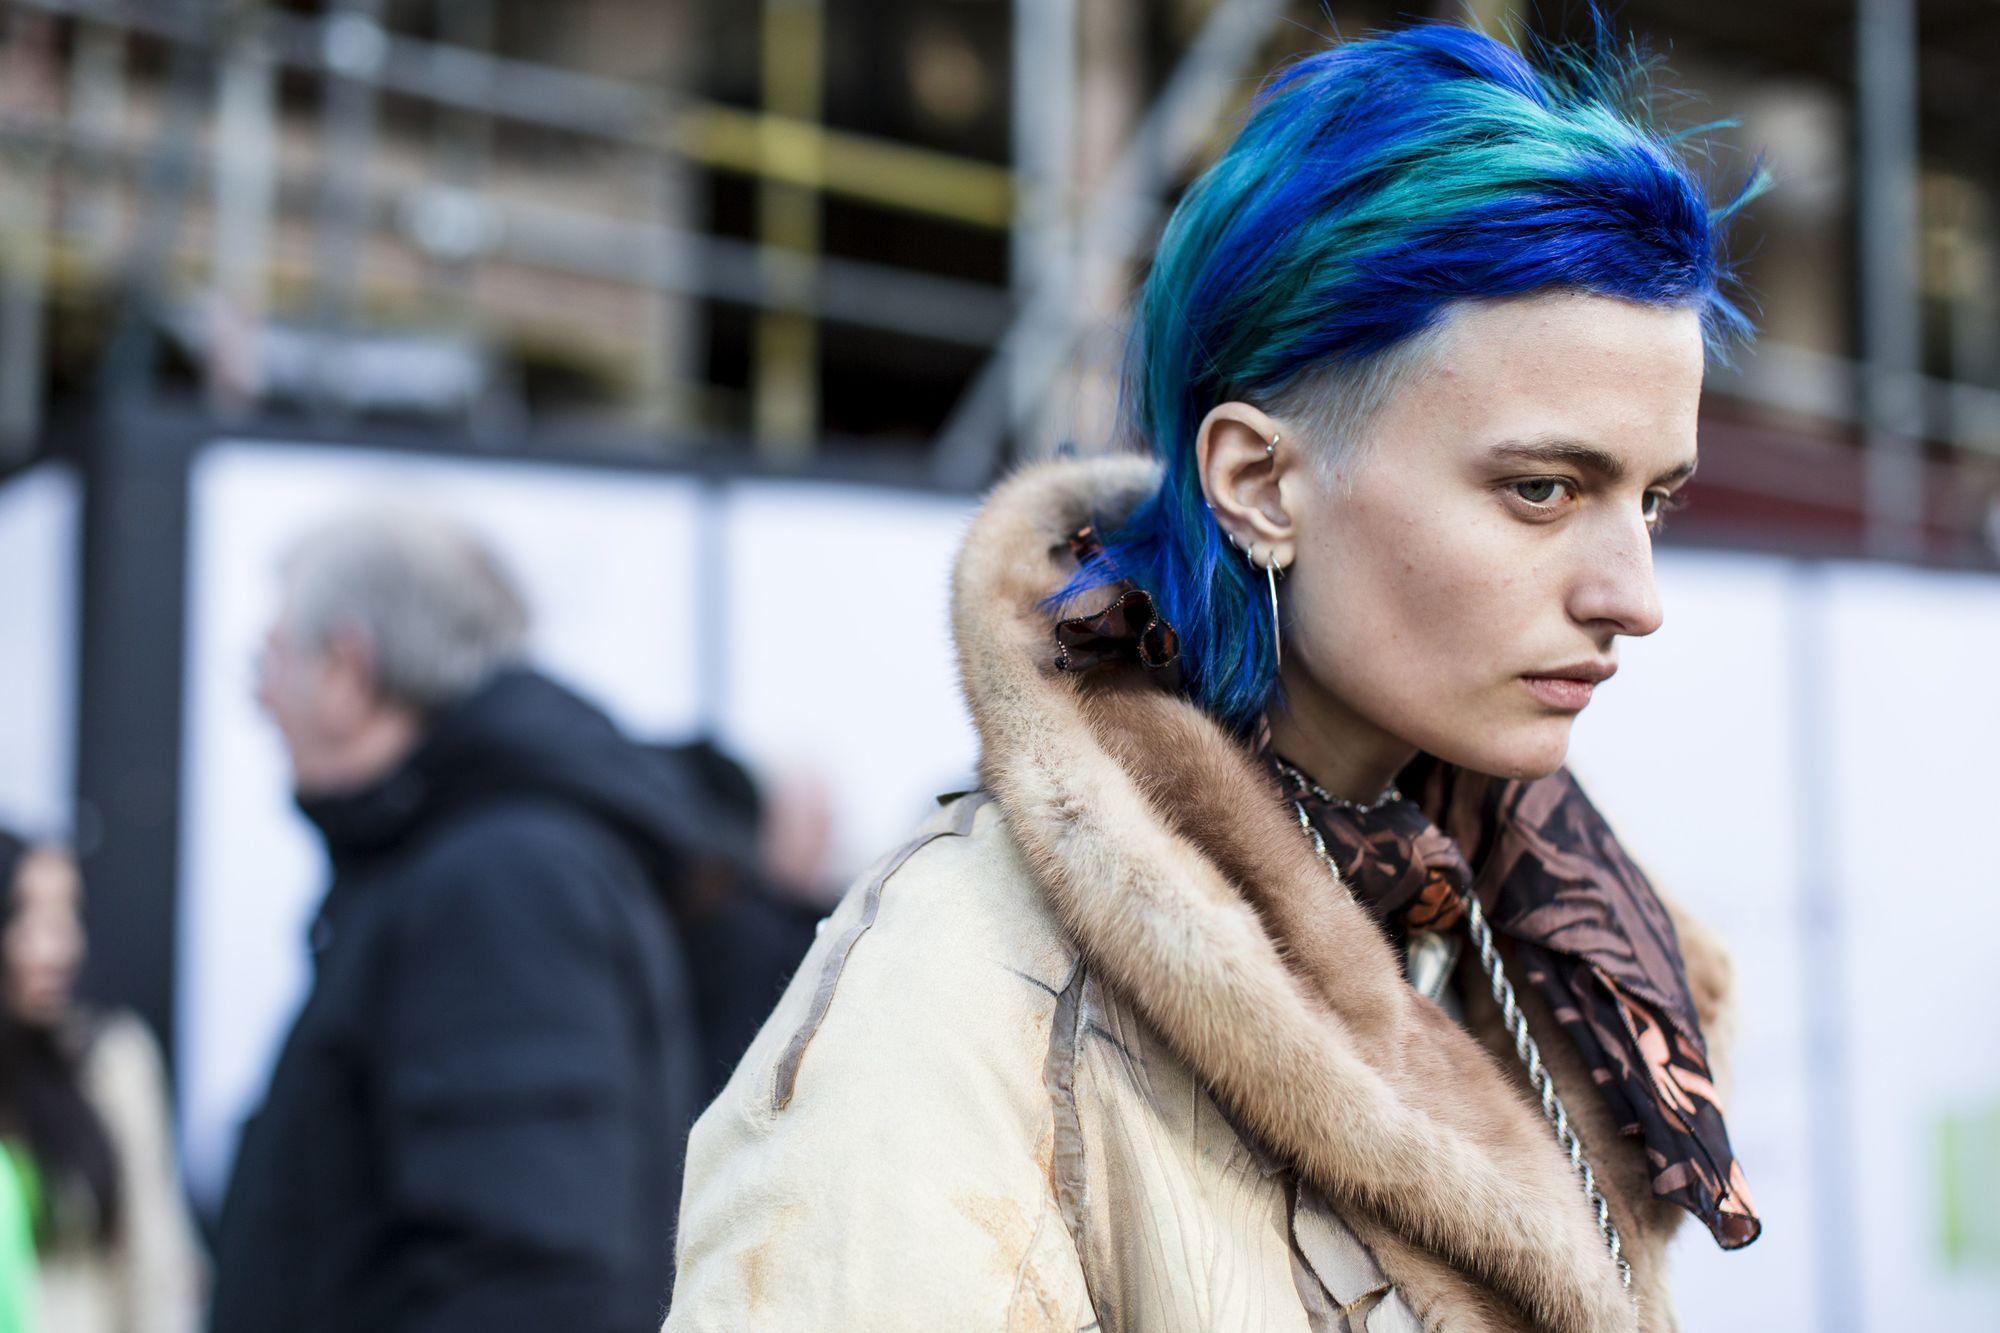 mujer con pelo rapado color azul